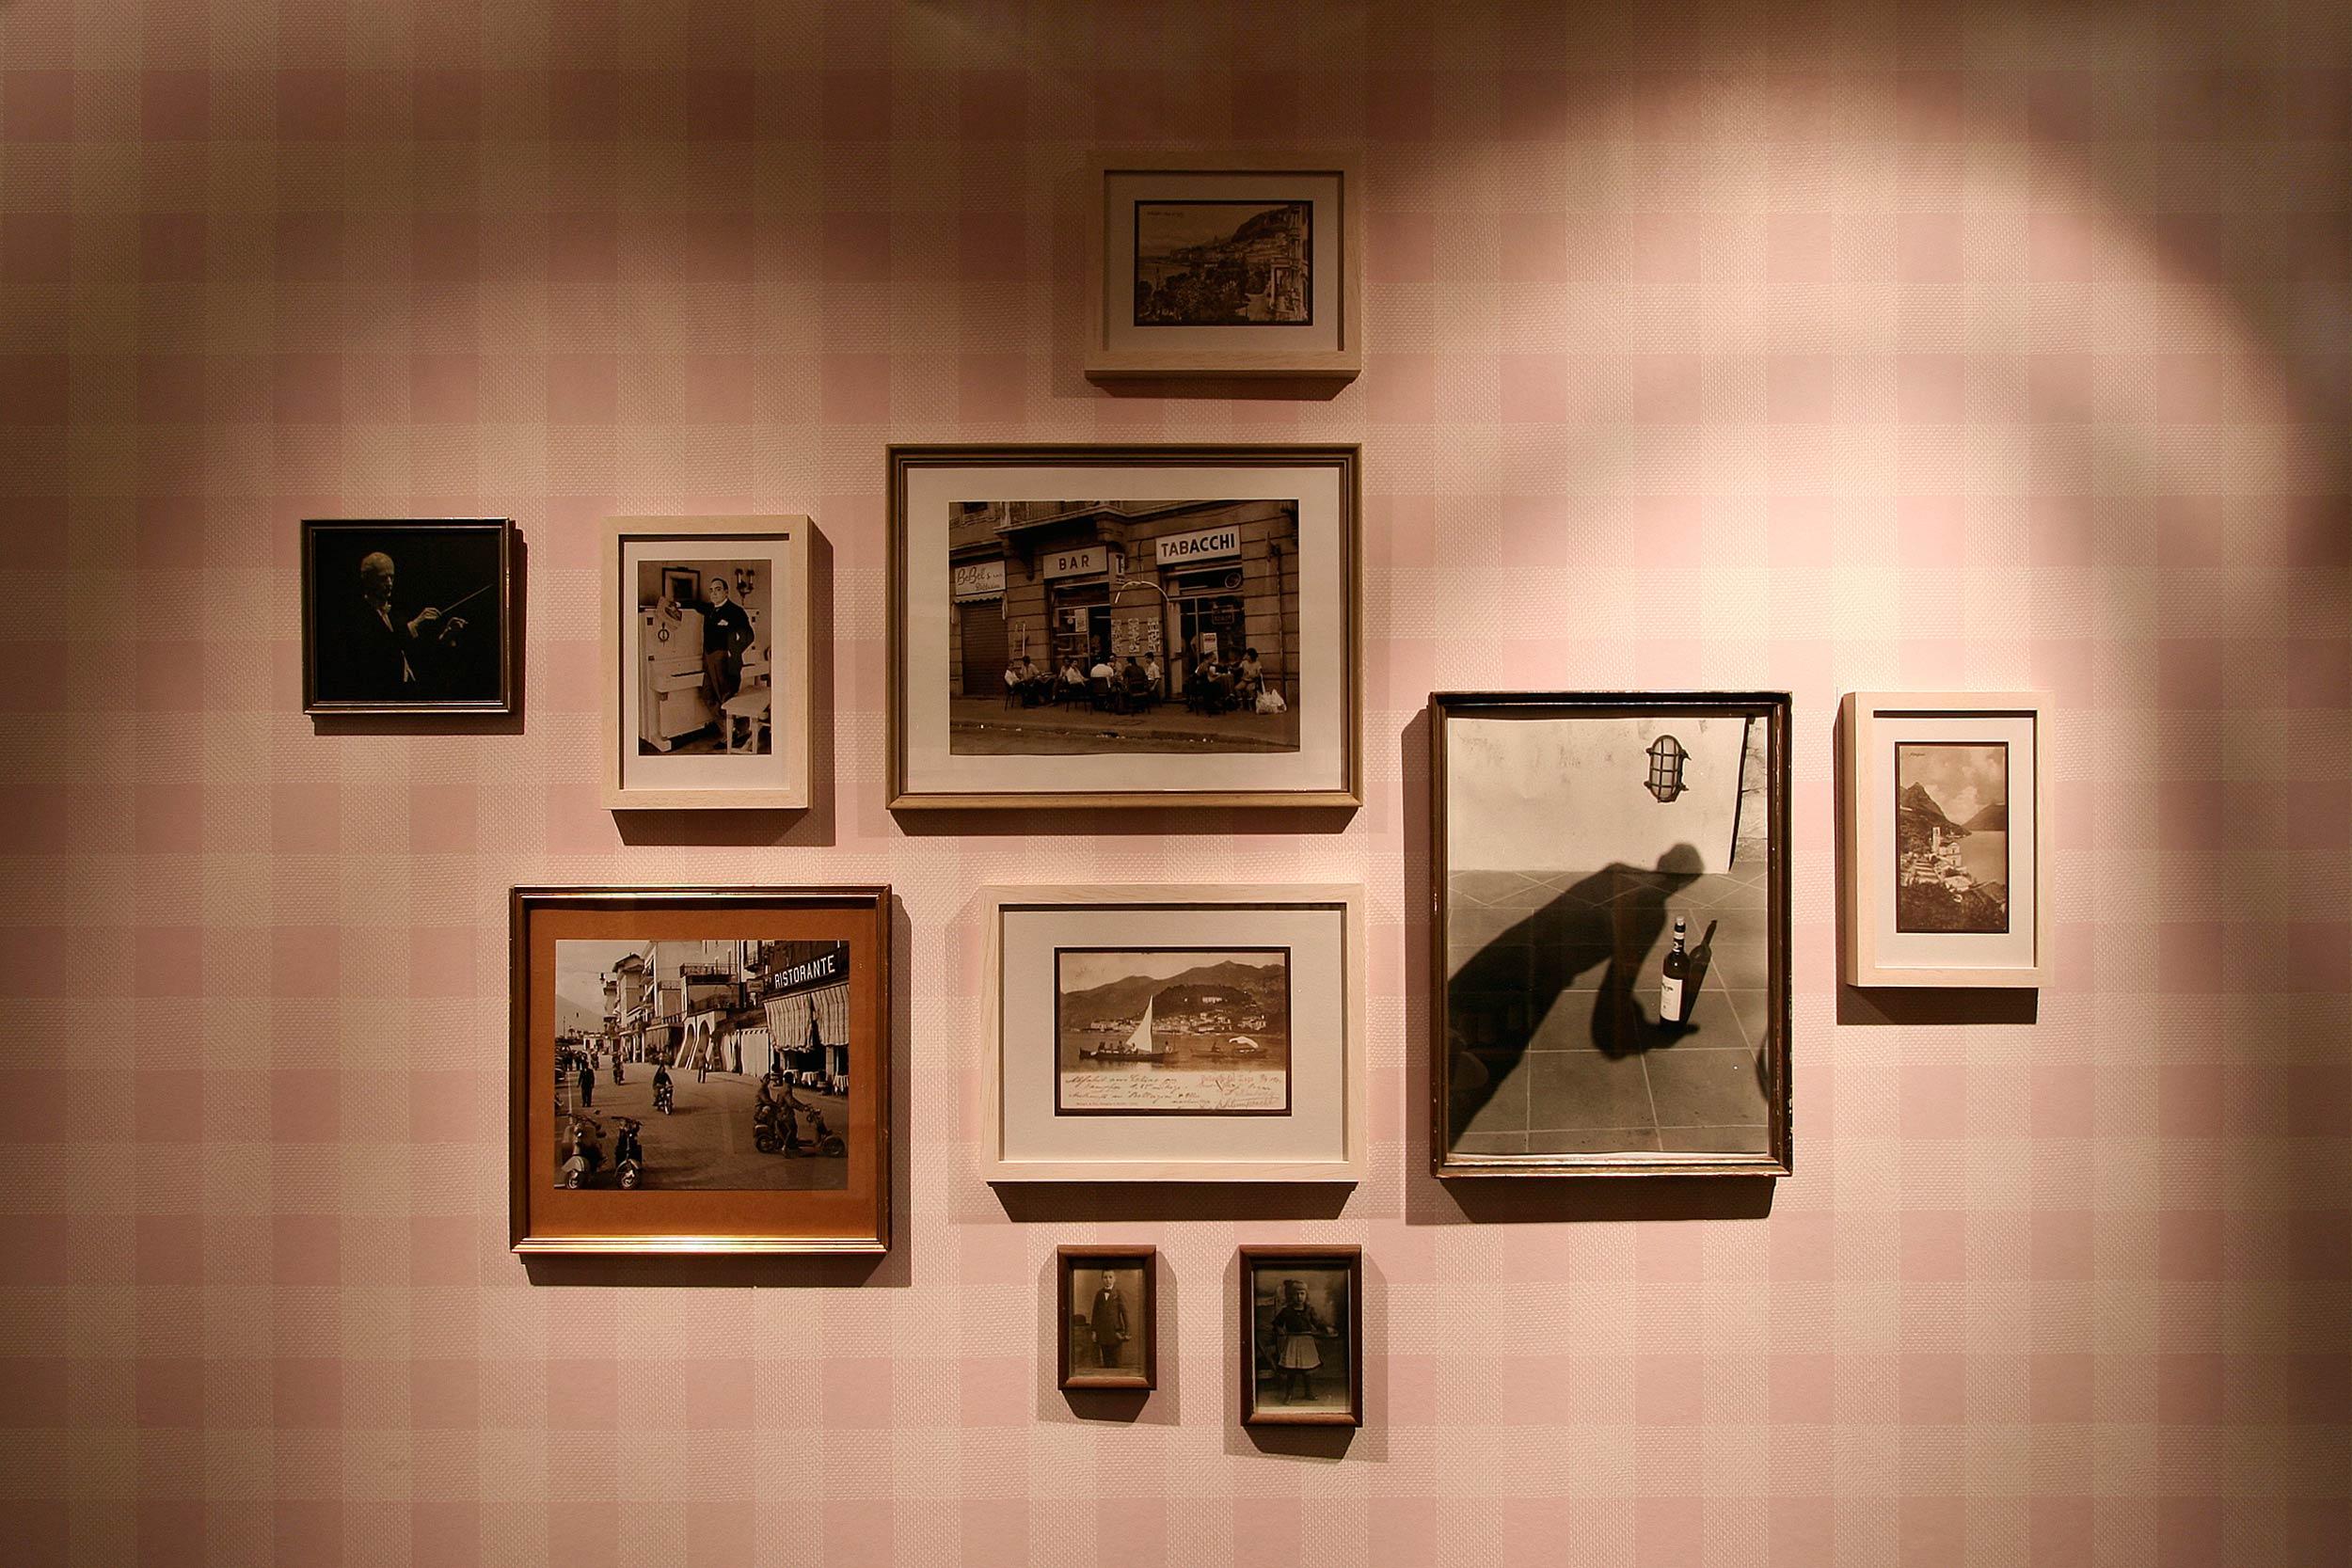 Die Bilderwand mit privaten Fotos der Betreiber